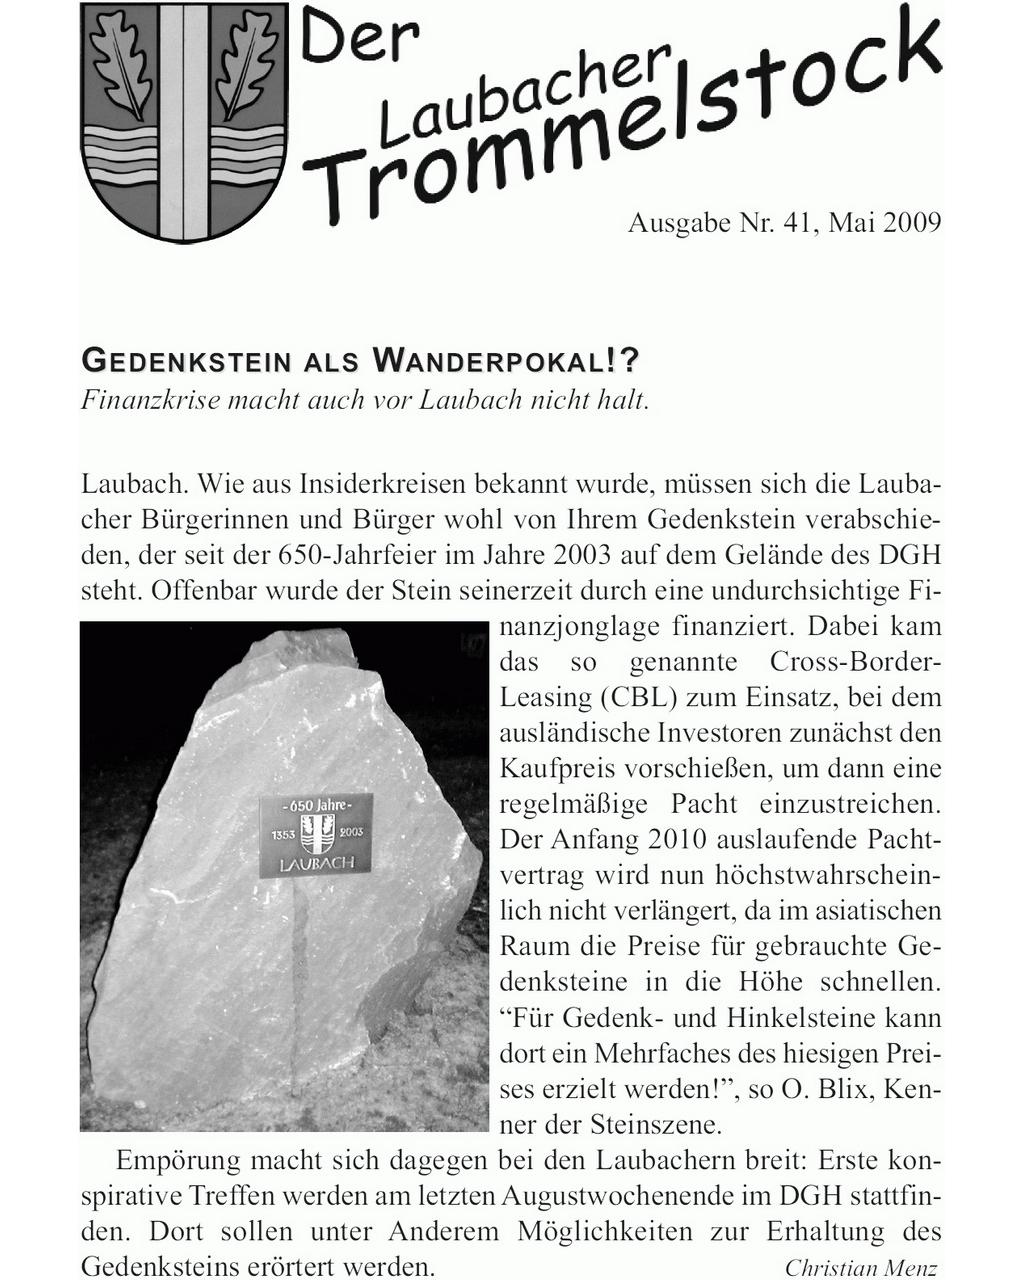 Laubacher-Trommelstock-Titelseite-041